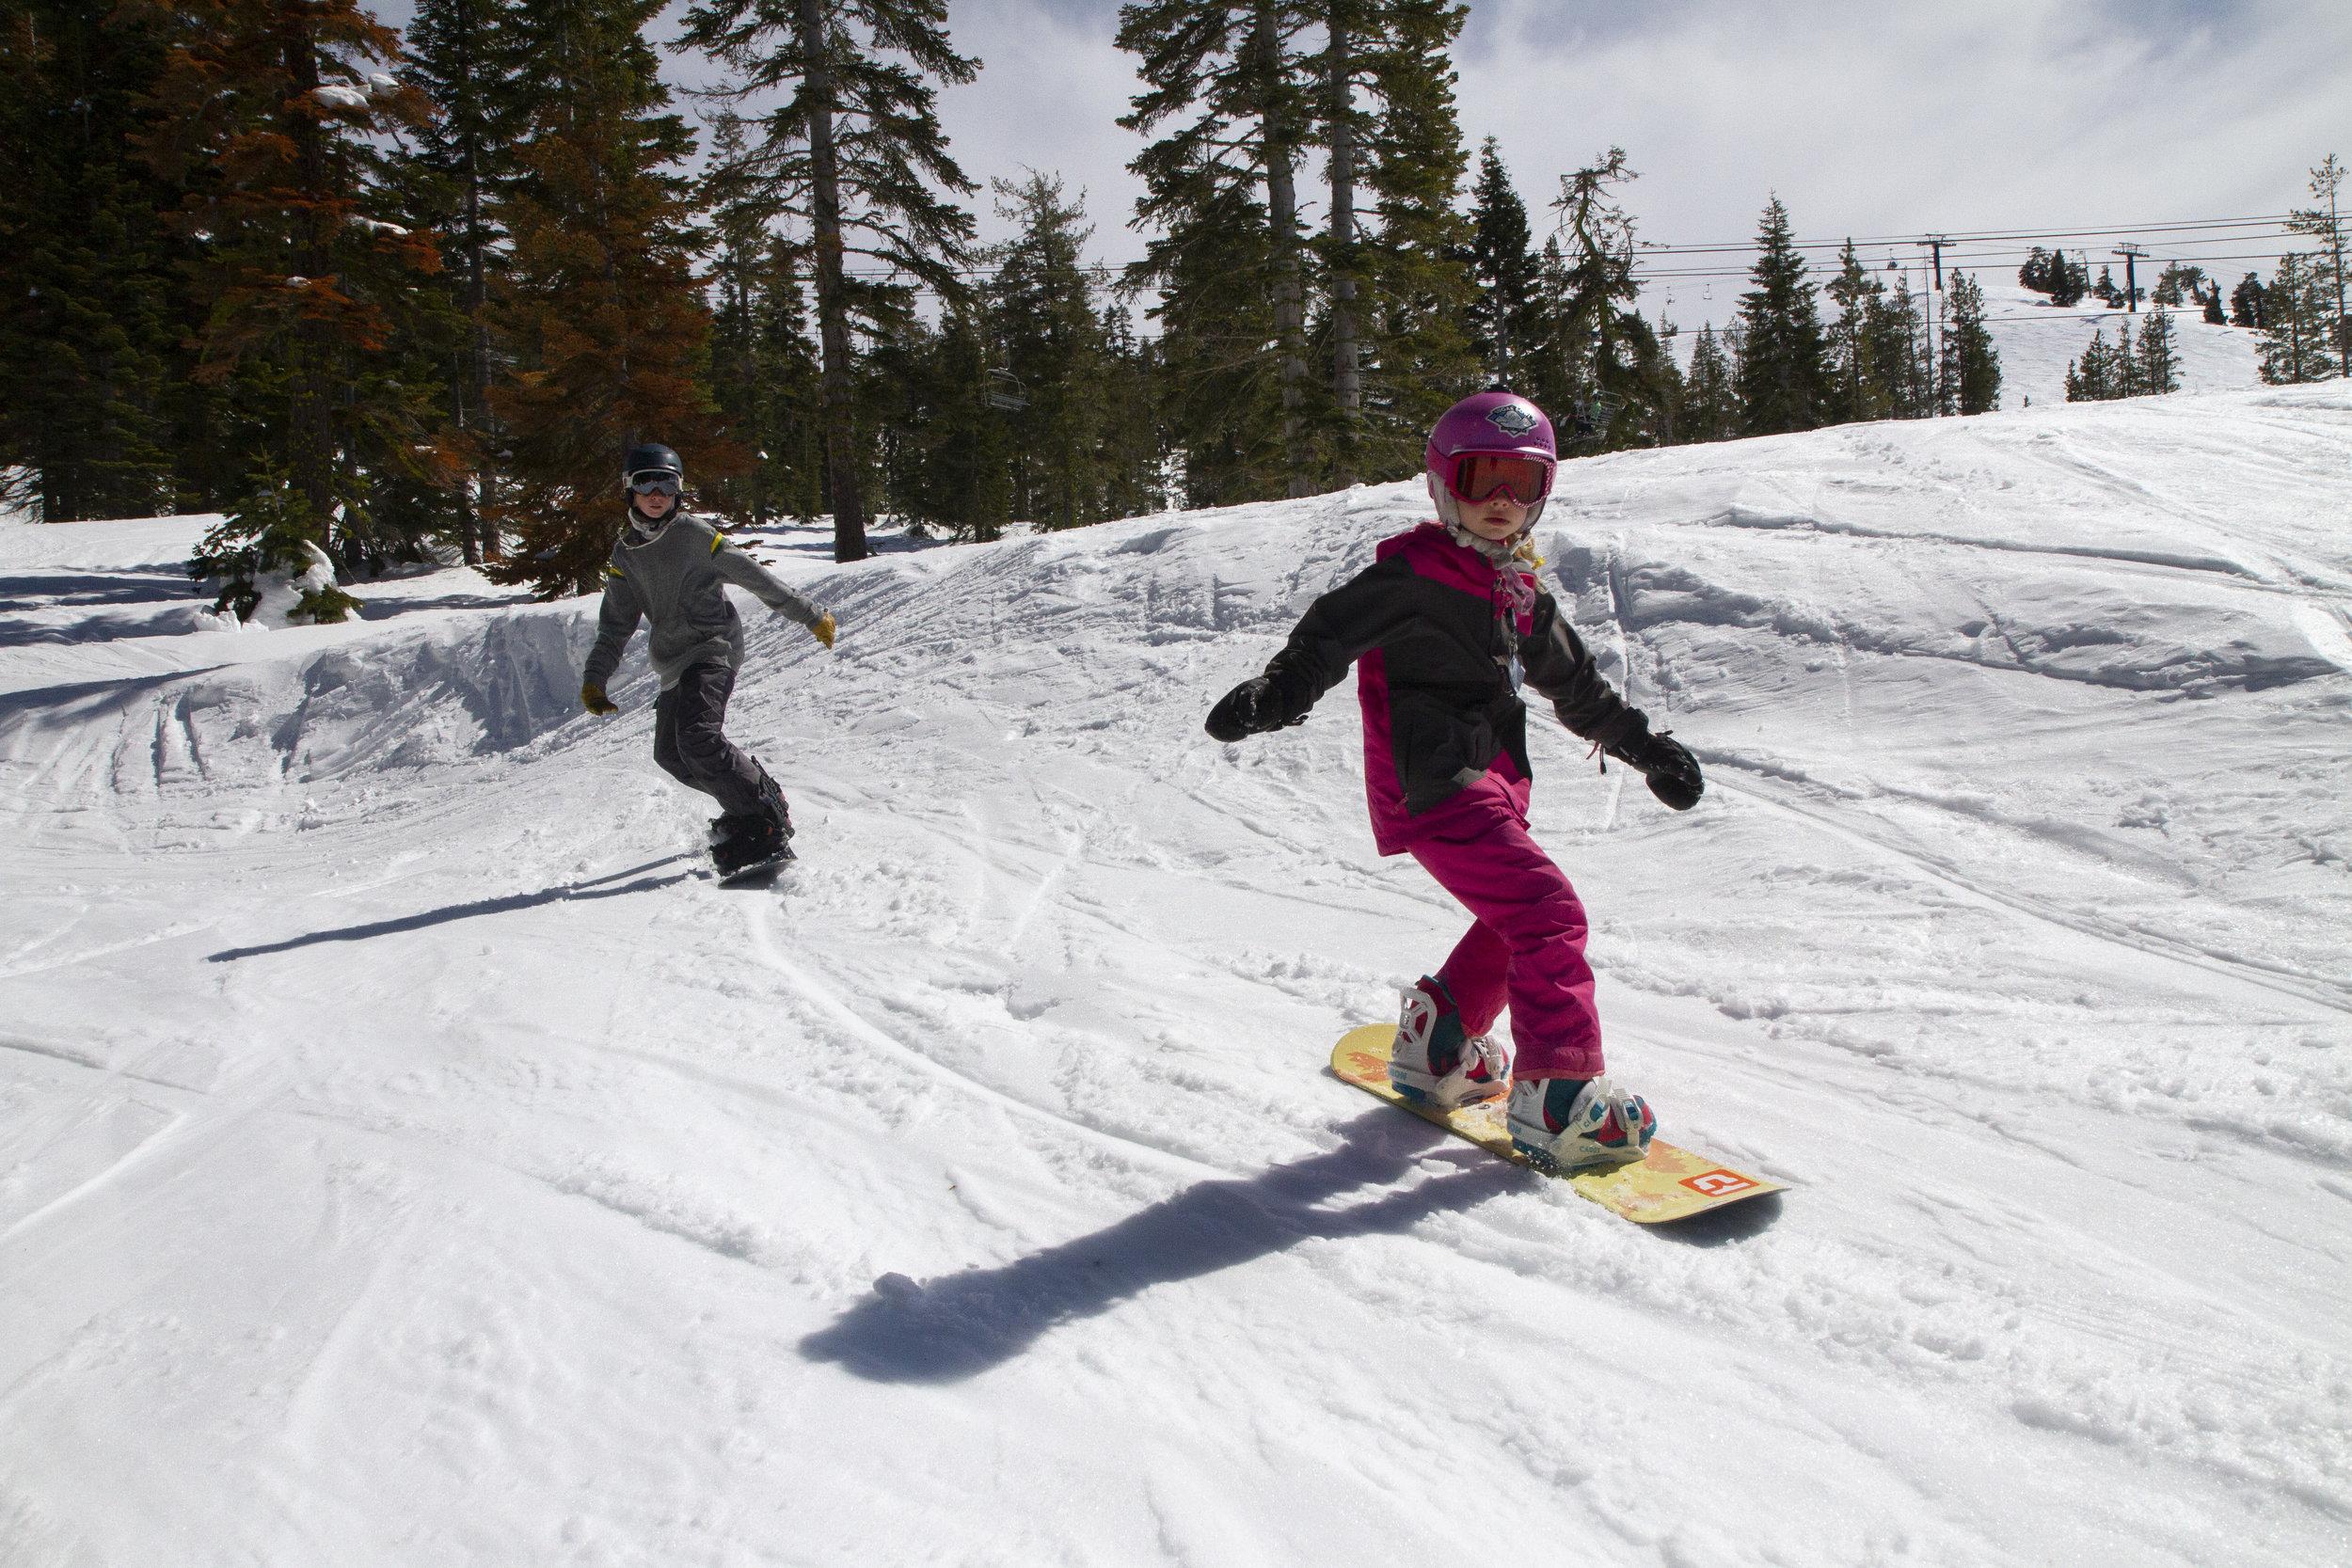 snowboardteam30_3-17-19.jpg